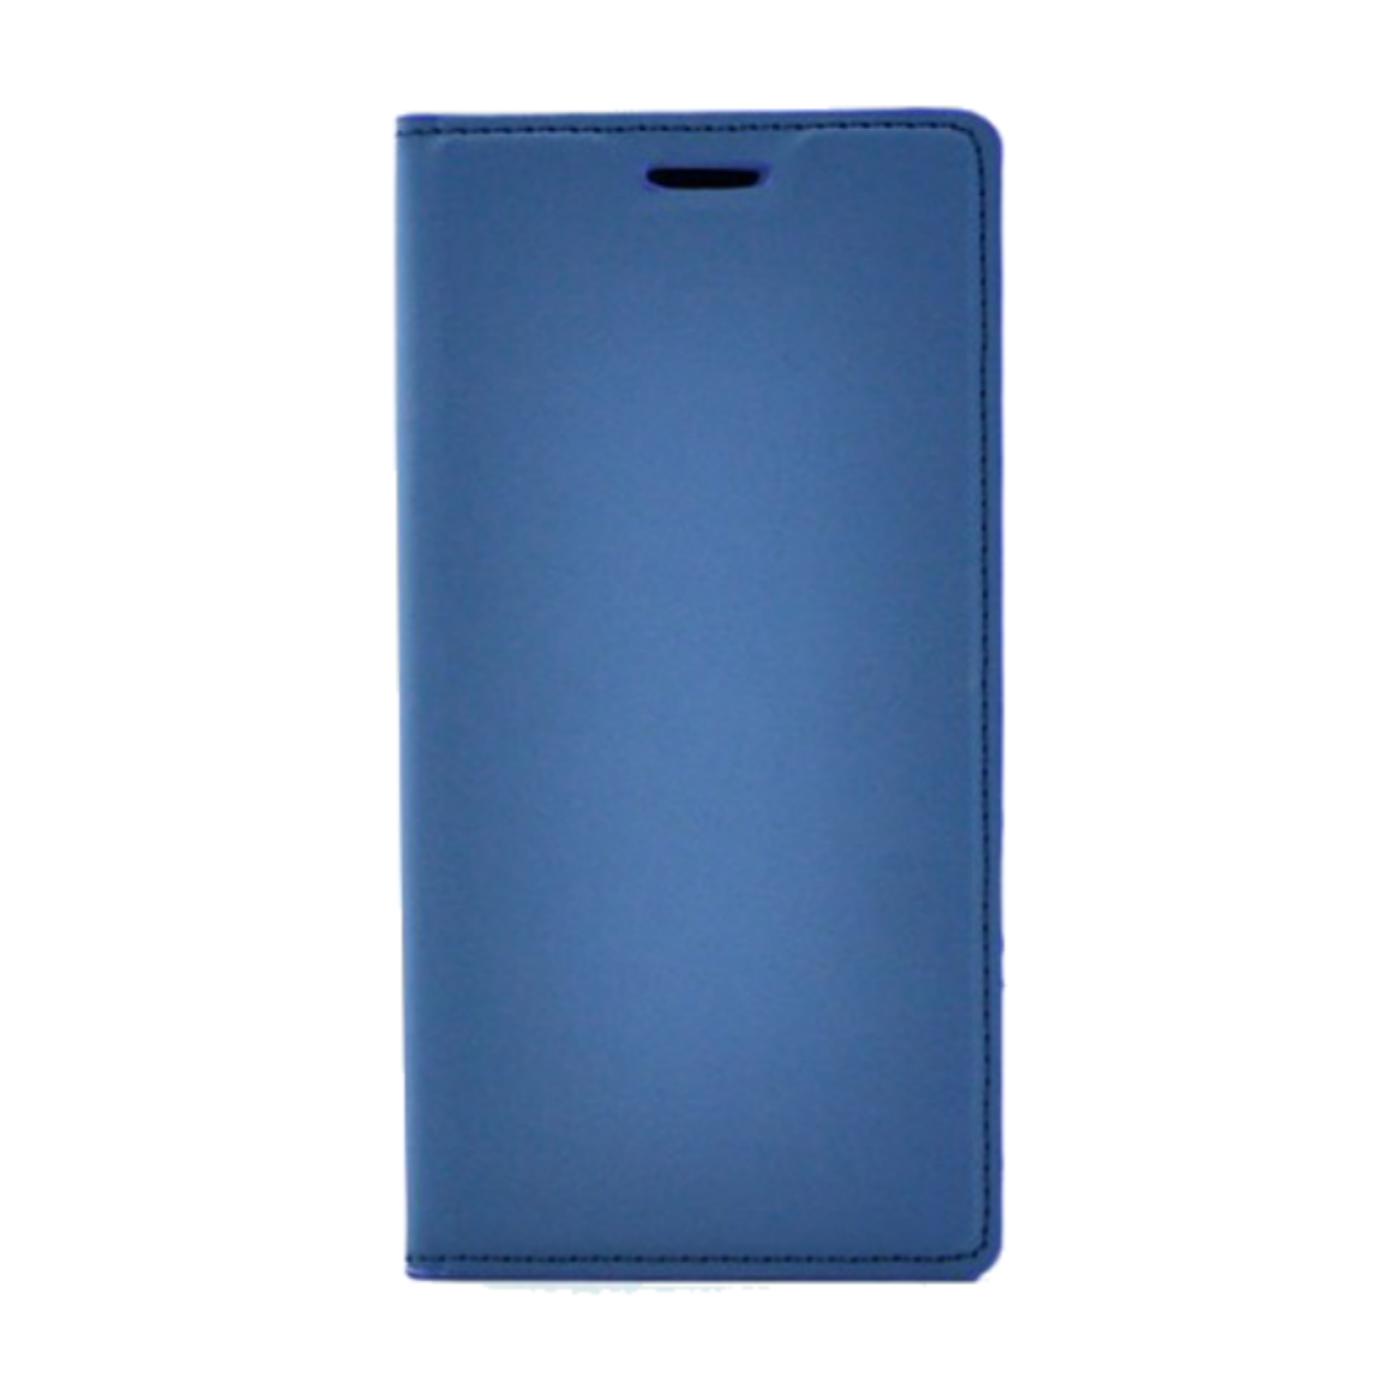 Futrola za mobitel Samsung J5, plava